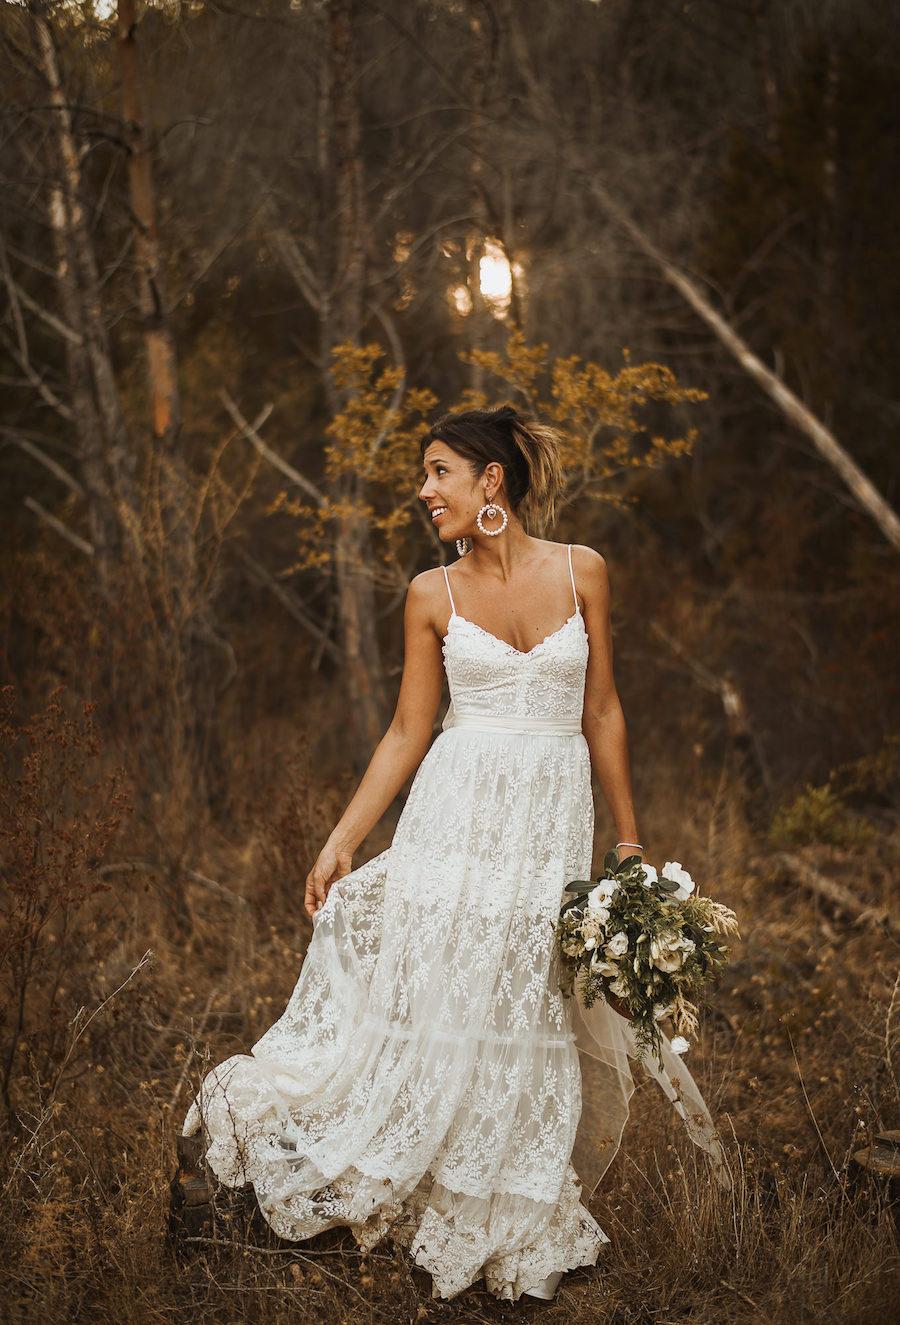 Matrimonio In Spiaggia Vestito Da Sposa : Un matrimonio sulla spiaggia a porto cervo wedding wonderland